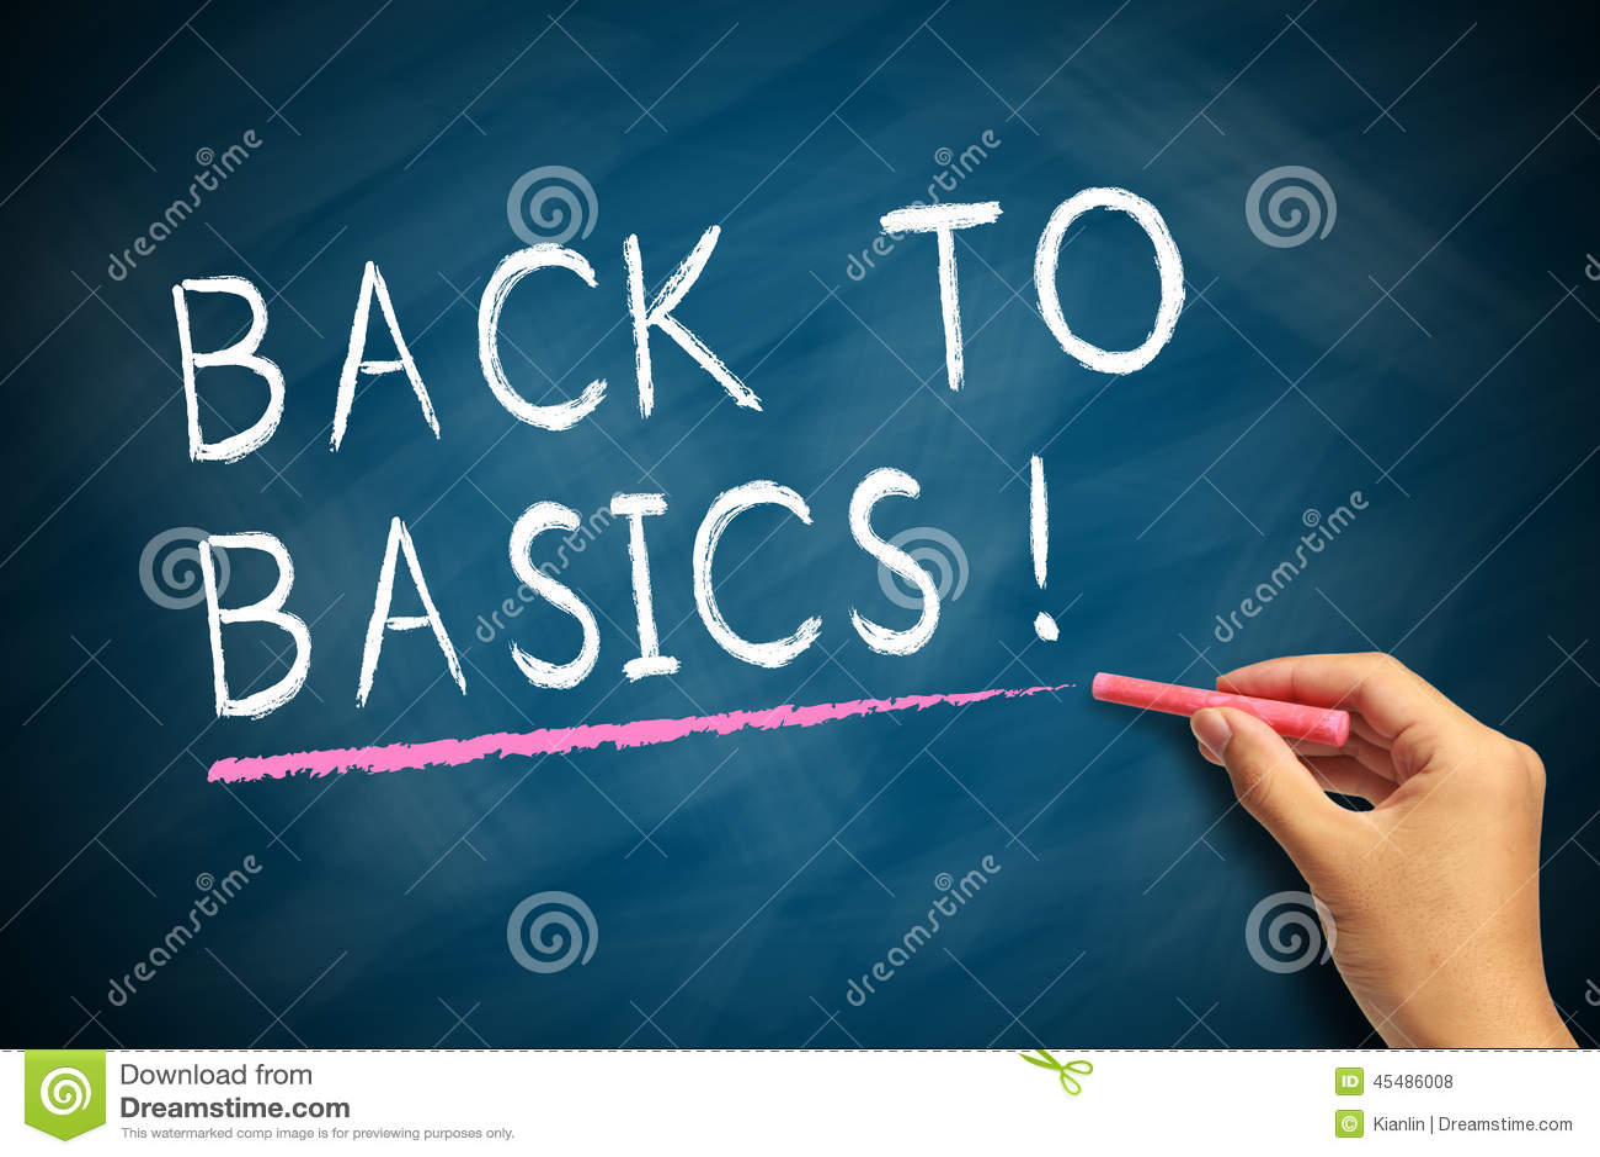 back to basics stock illustration image 45486008. Black Bedroom Furniture Sets. Home Design Ideas